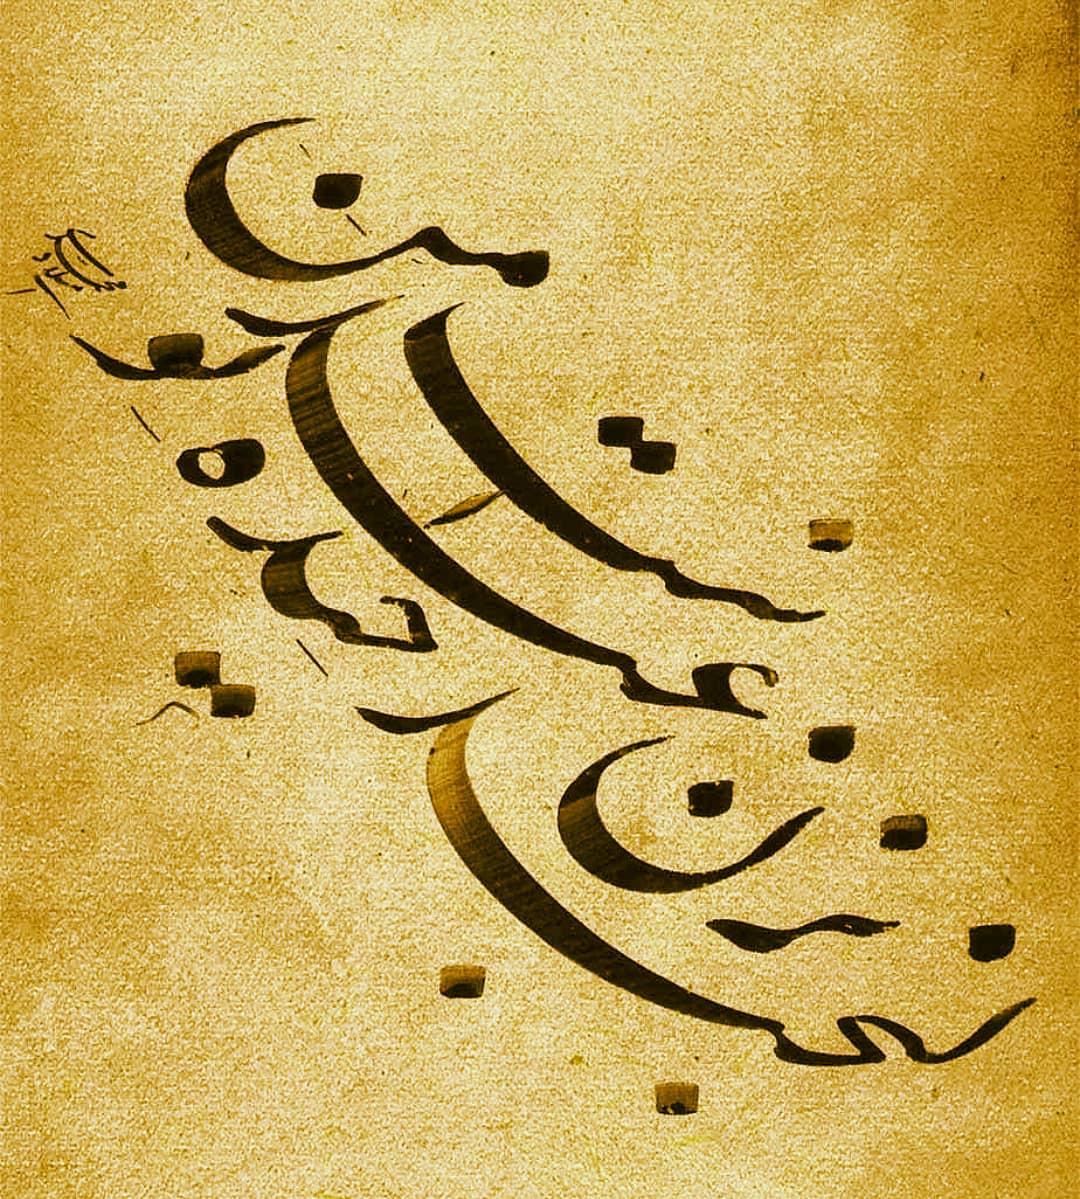 Farisi/Nasta'liq khatestan  ﷽ لبخند بزن خنده ی تو عید من است . #خطستان  @khatestan #خط_خودکاری#خط_خودکاری_ن… 1297